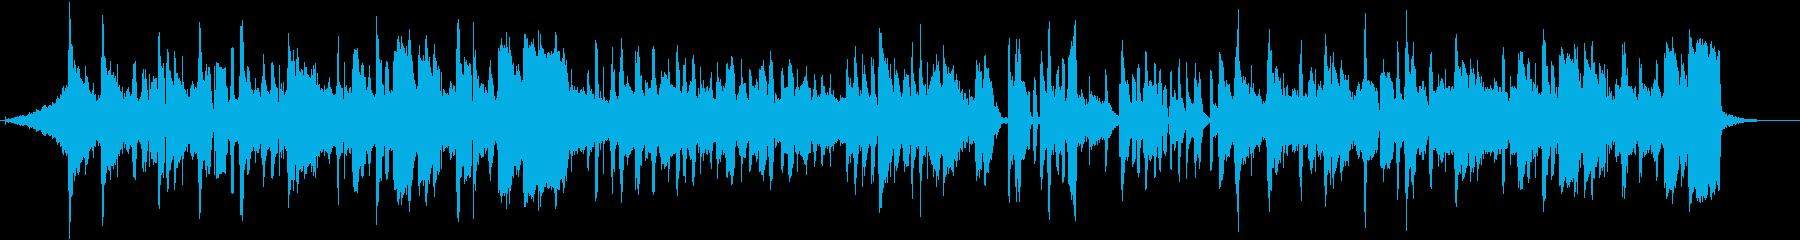 受験生の応援をテーマにした楽曲の再生済みの波形